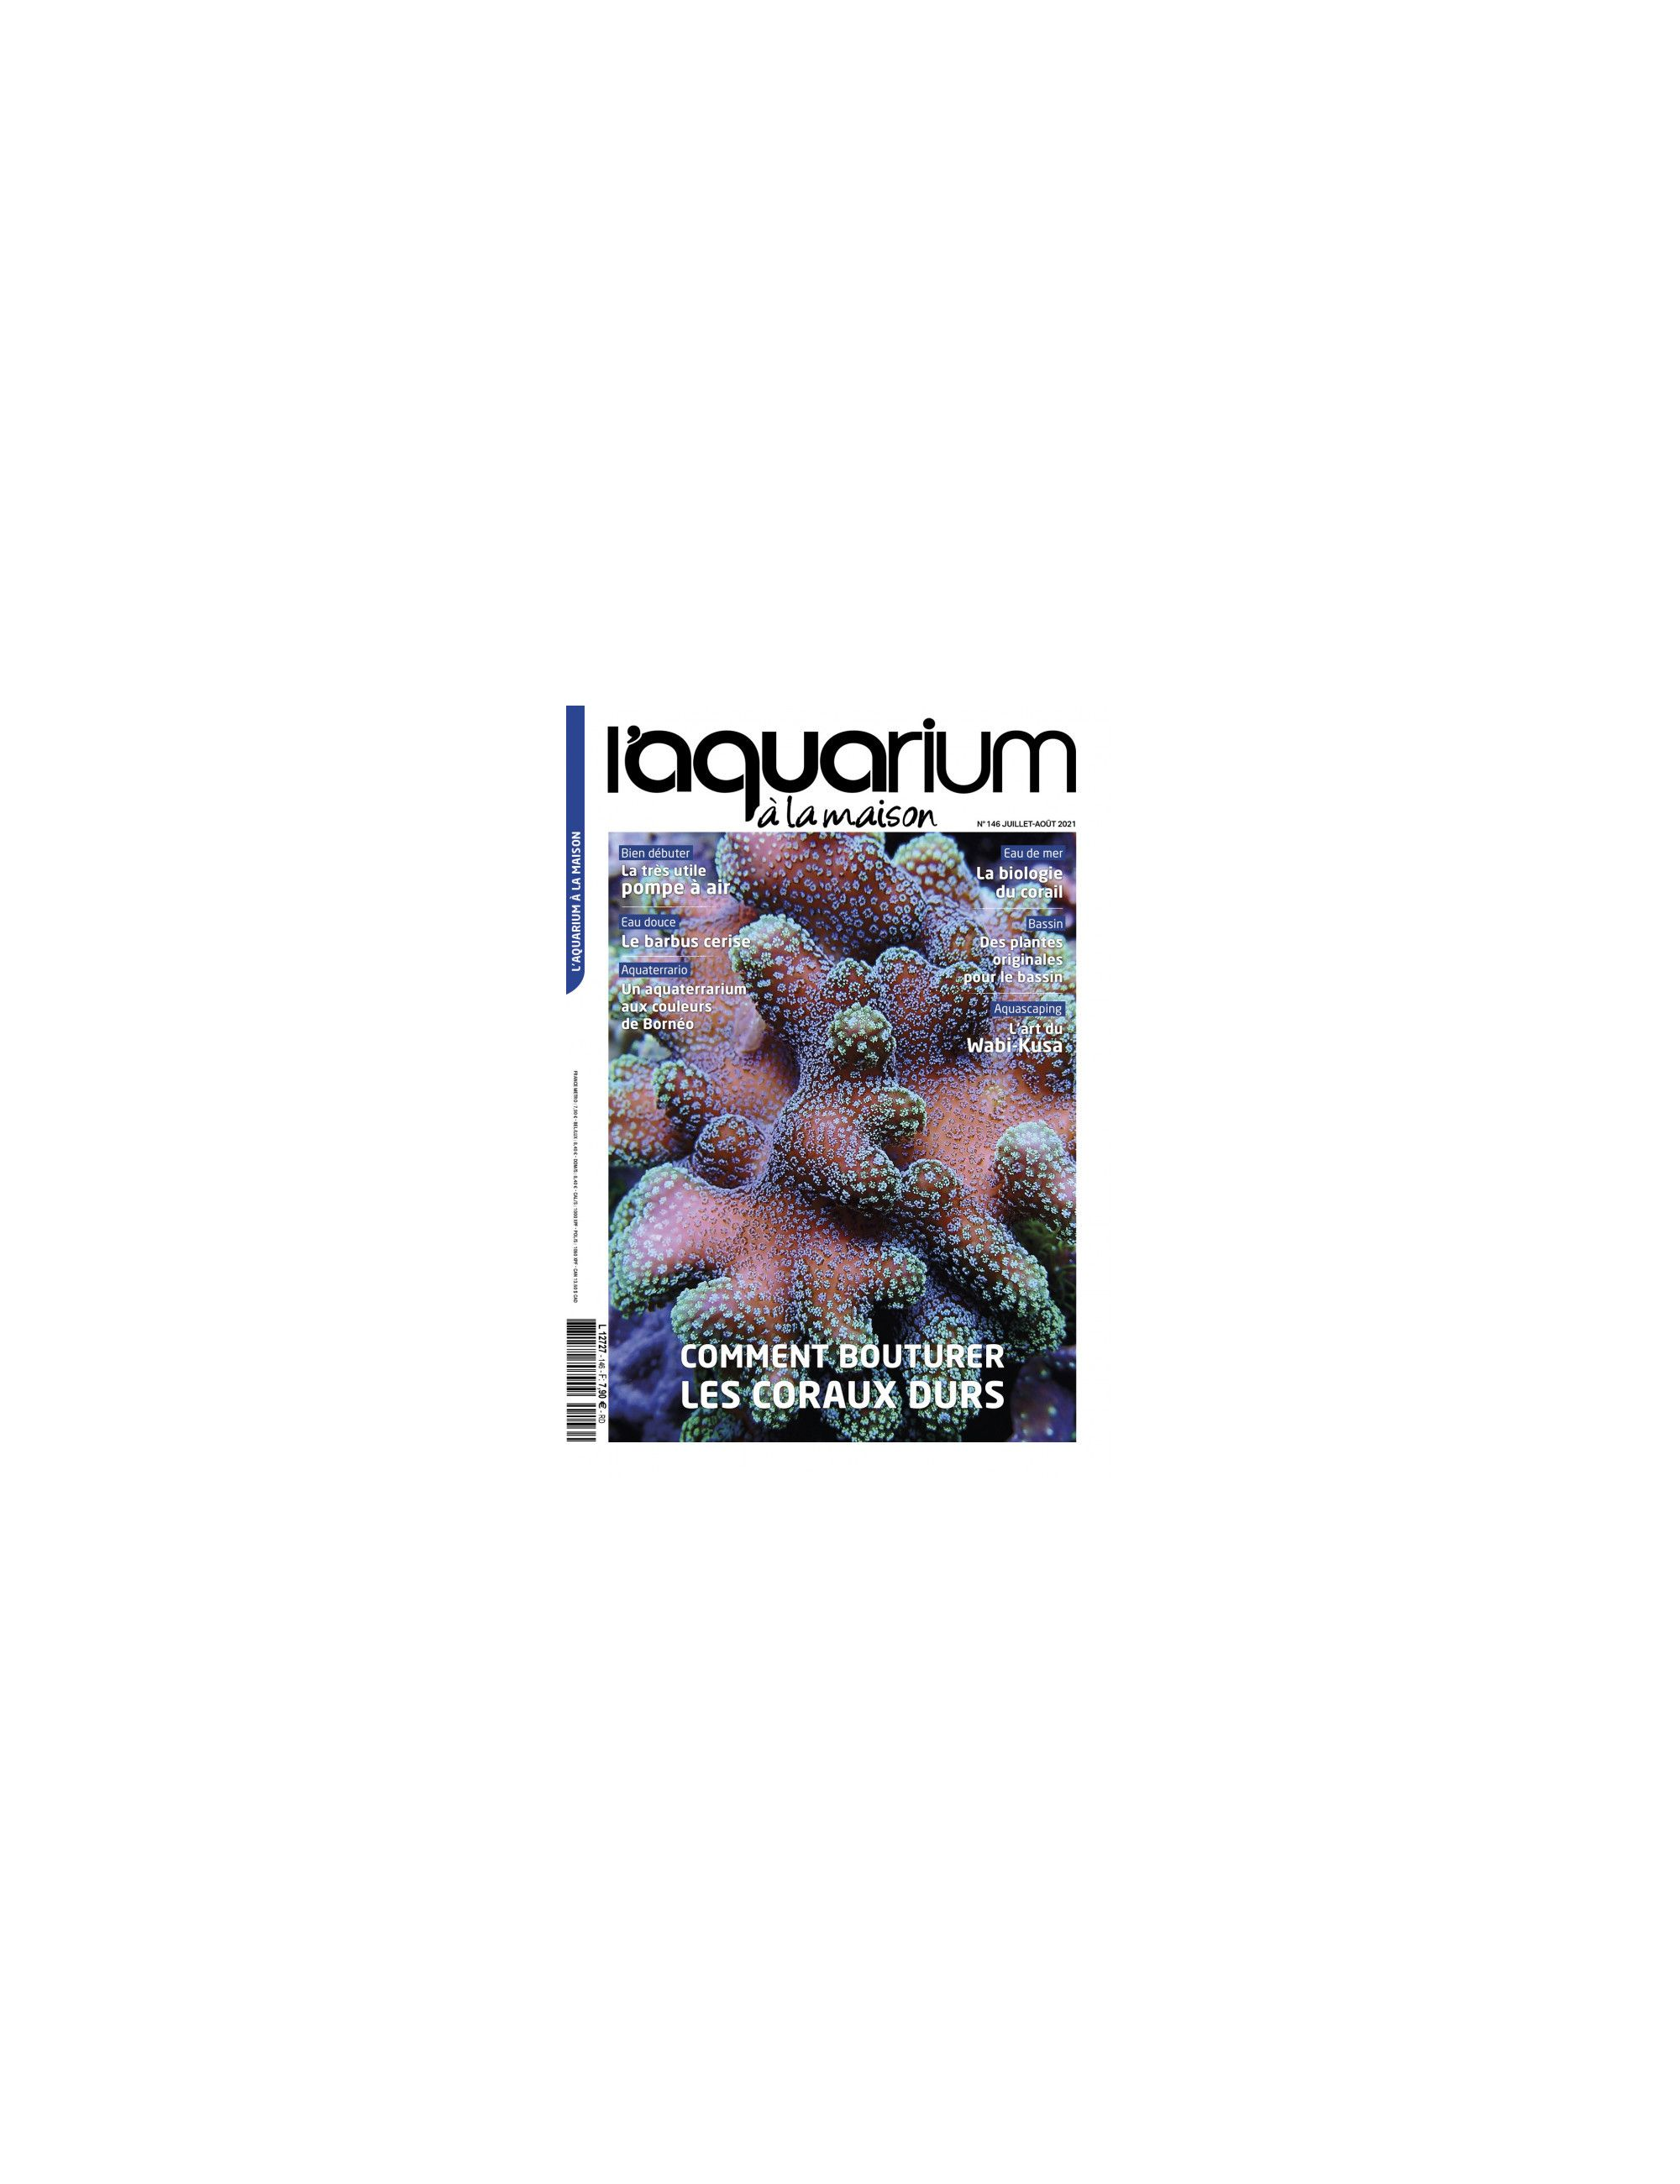 L'Aquarium à la maison - Numéro 146